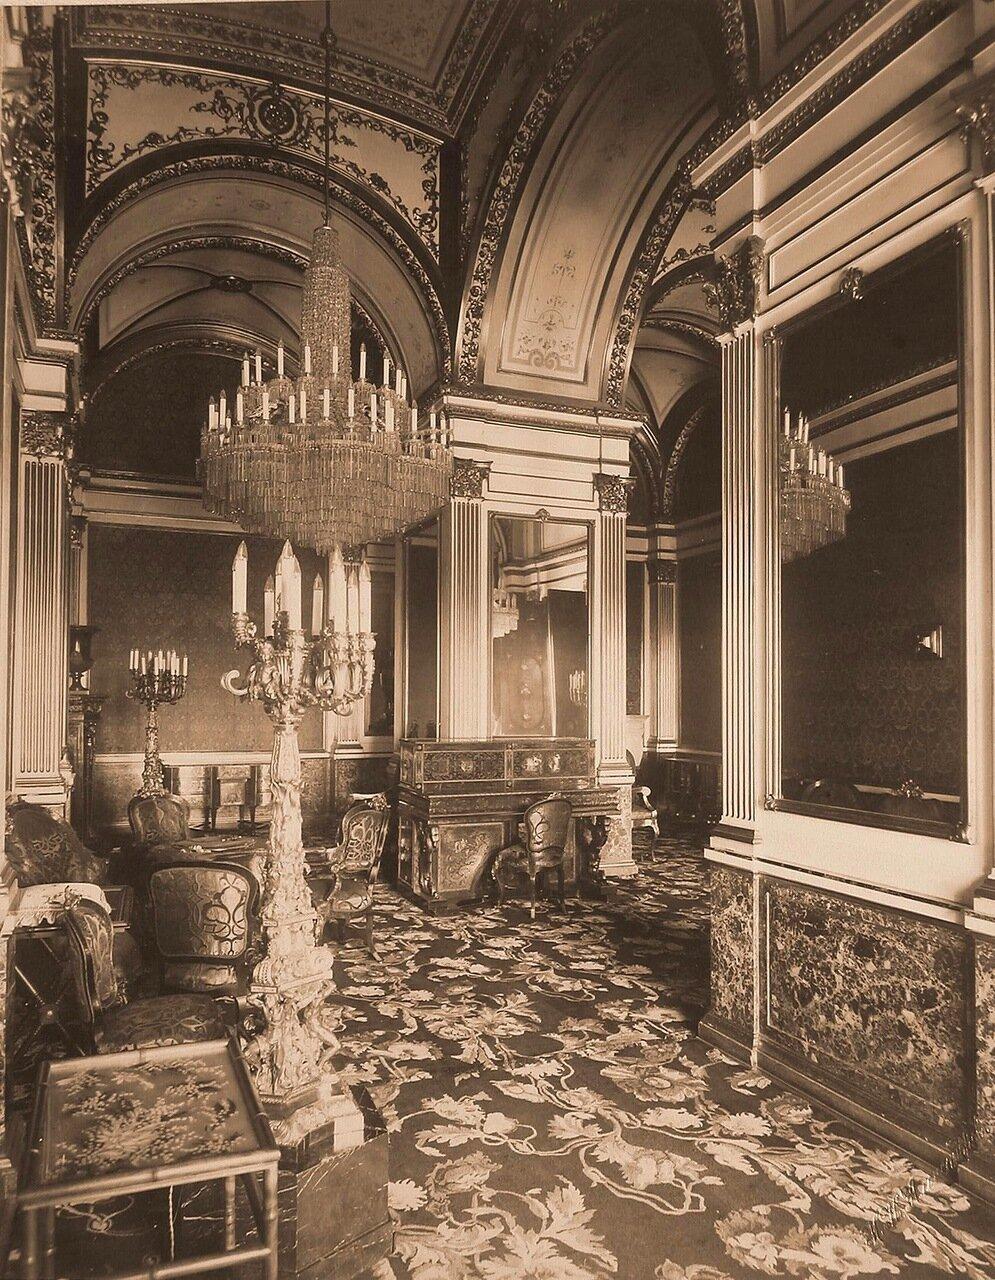 Интерьер кабинета императрицы в Собственной половине Большого Кремлёвского дворца